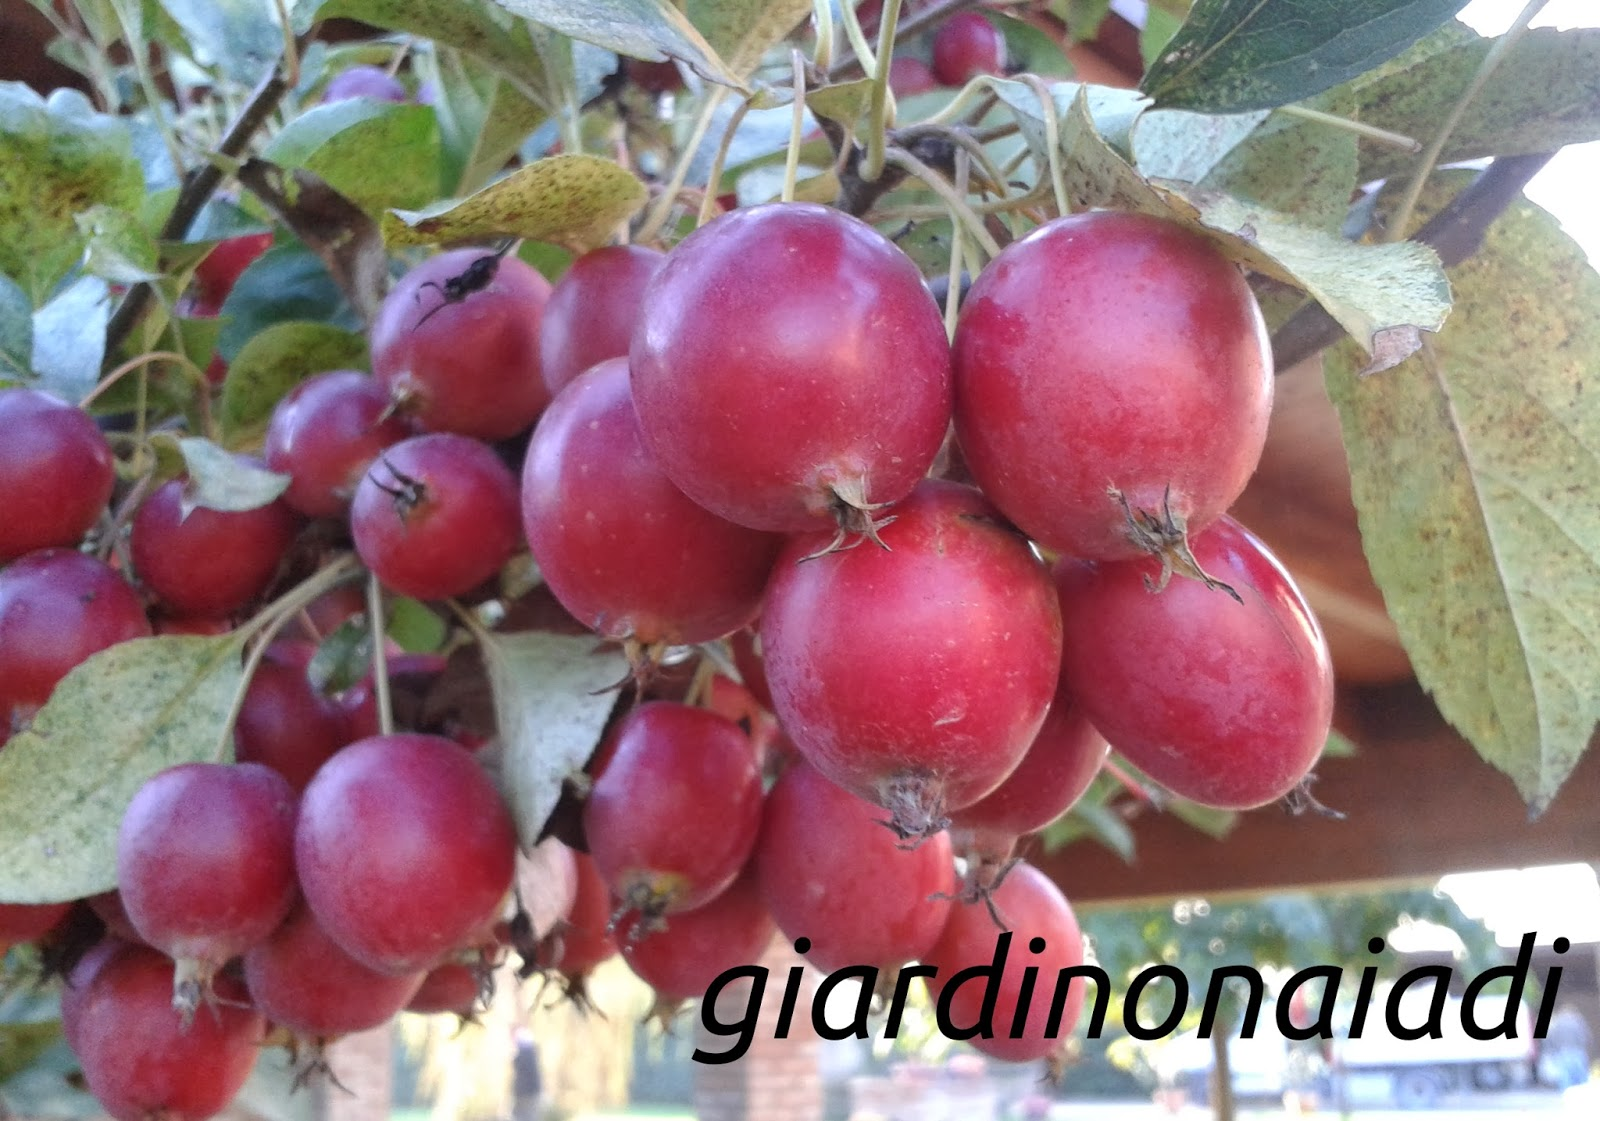 Piante Di Melo : Il giardino delle naiadi melo da fiore un attrattiva per